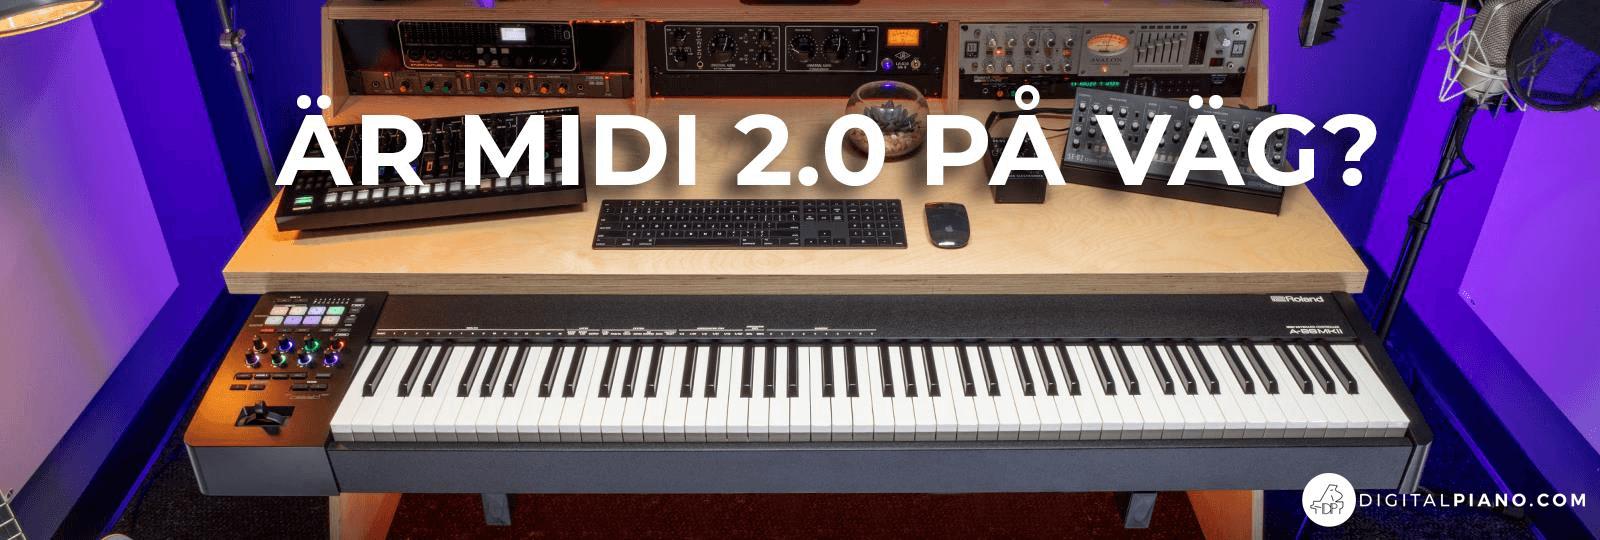 Är MIDI 2.0 på väg?